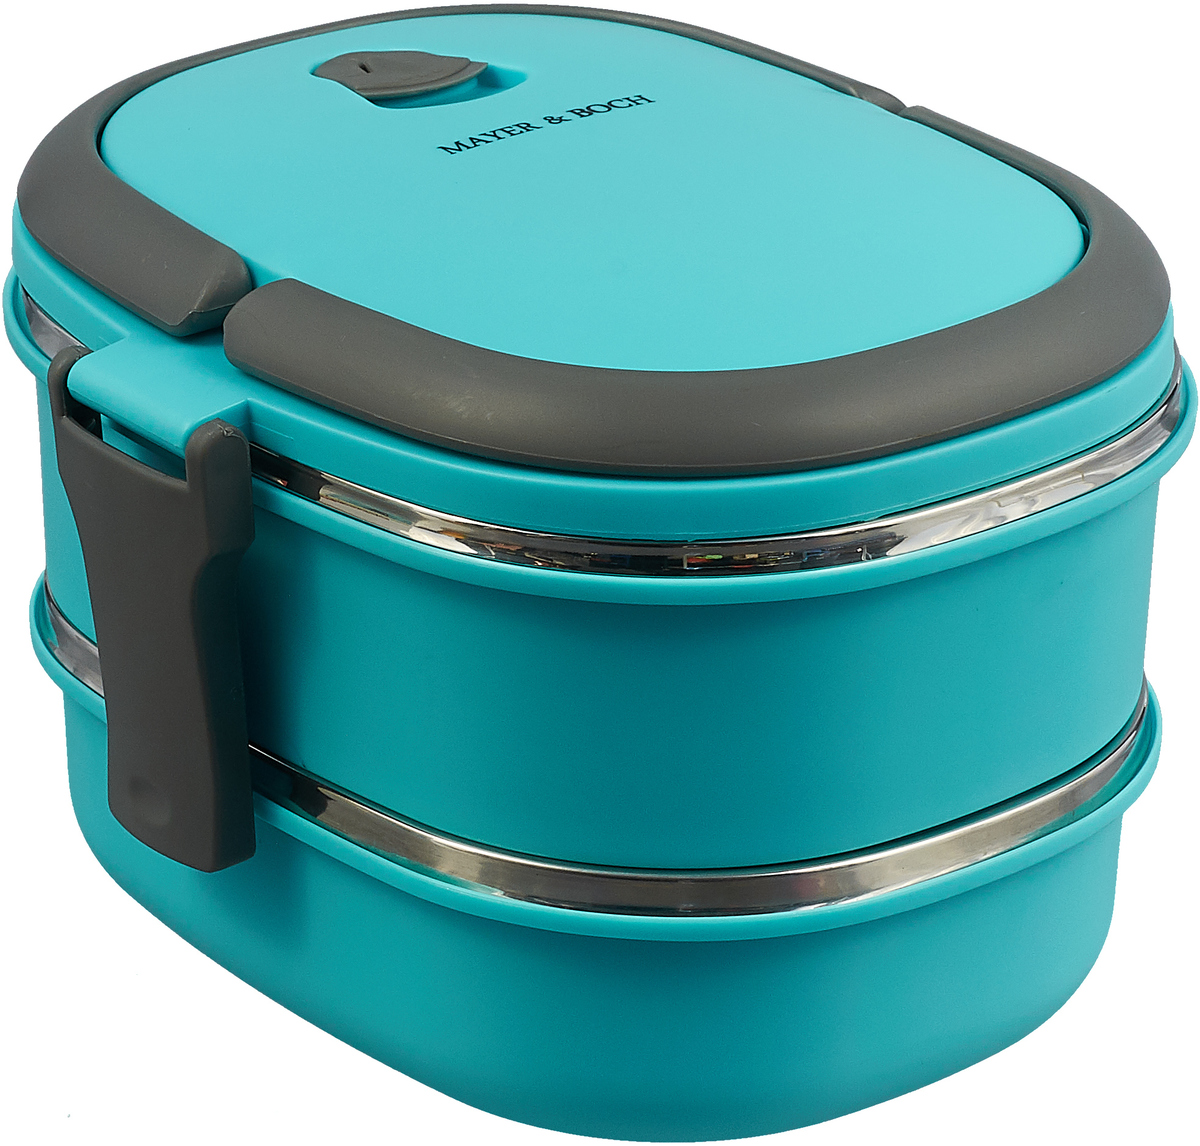 Термос Mayer & Boch, 28779, голубой, 1,7 л термос пищевой mayer